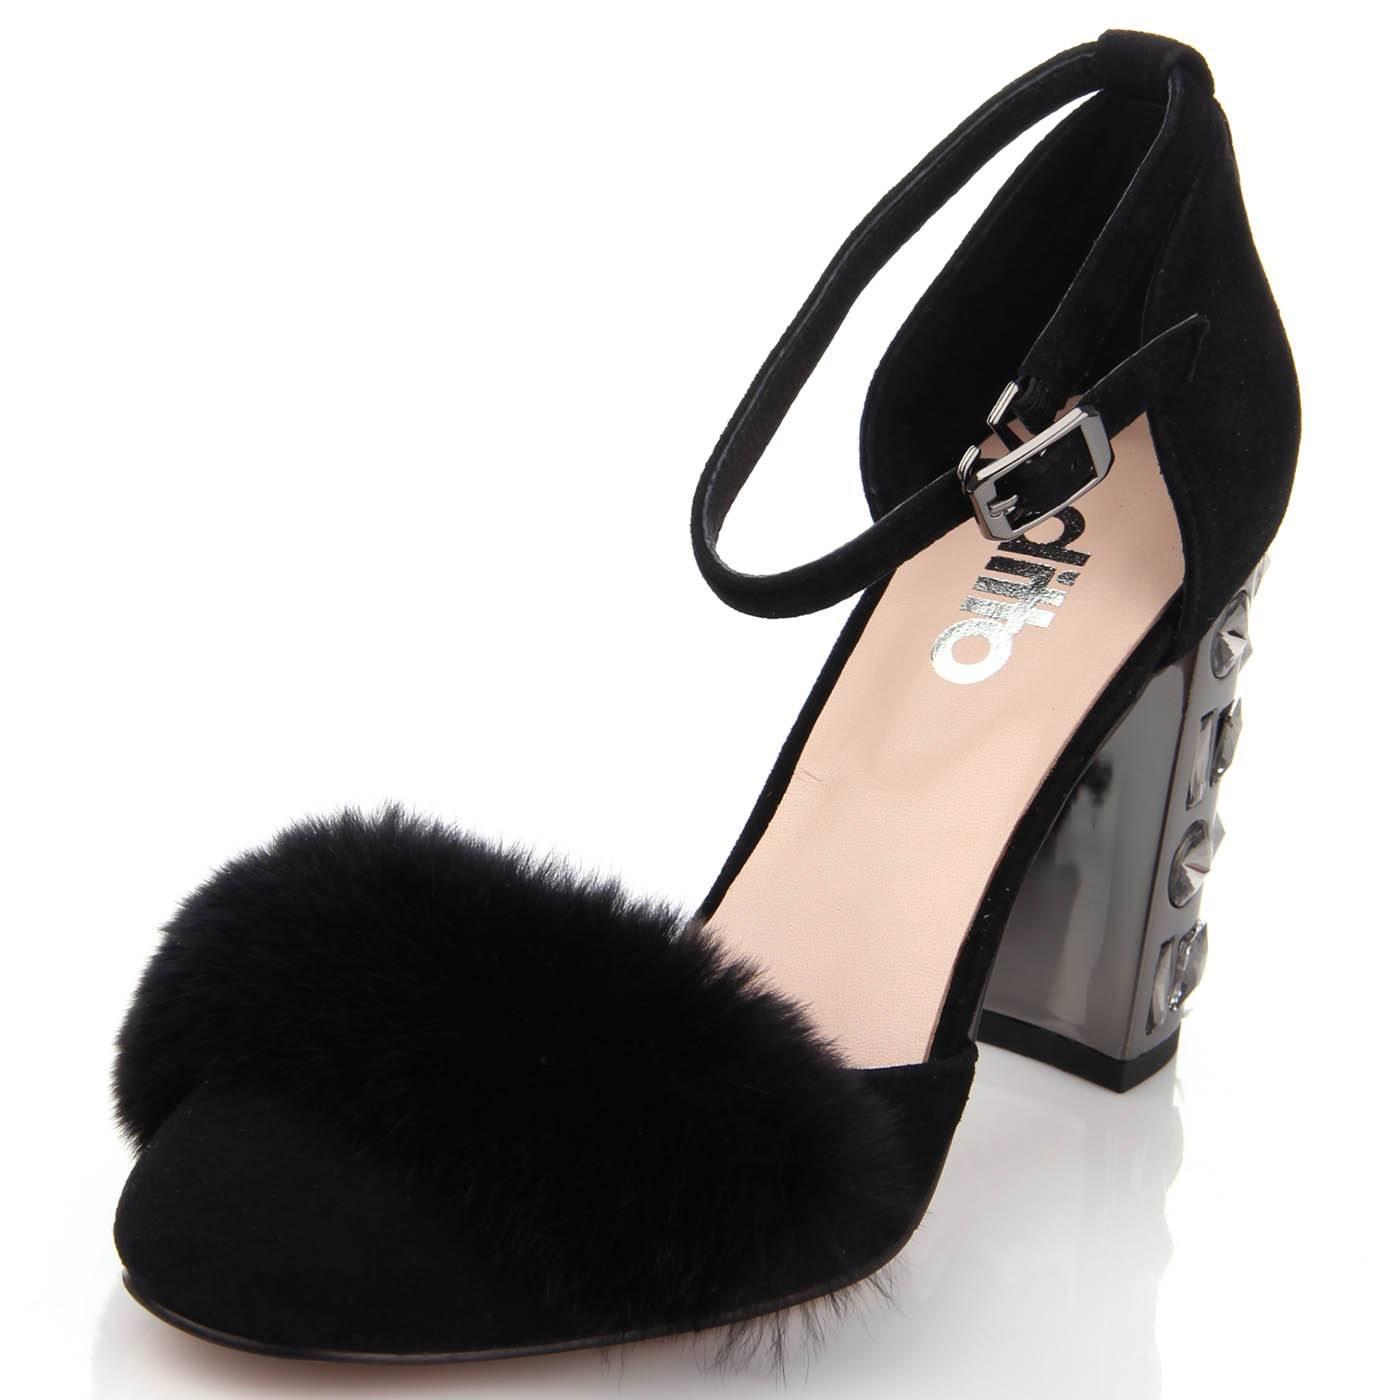 Туфлі жіночі ditto 6690 Чорний купить по выгодной цене в интернет ... 44f5993952149